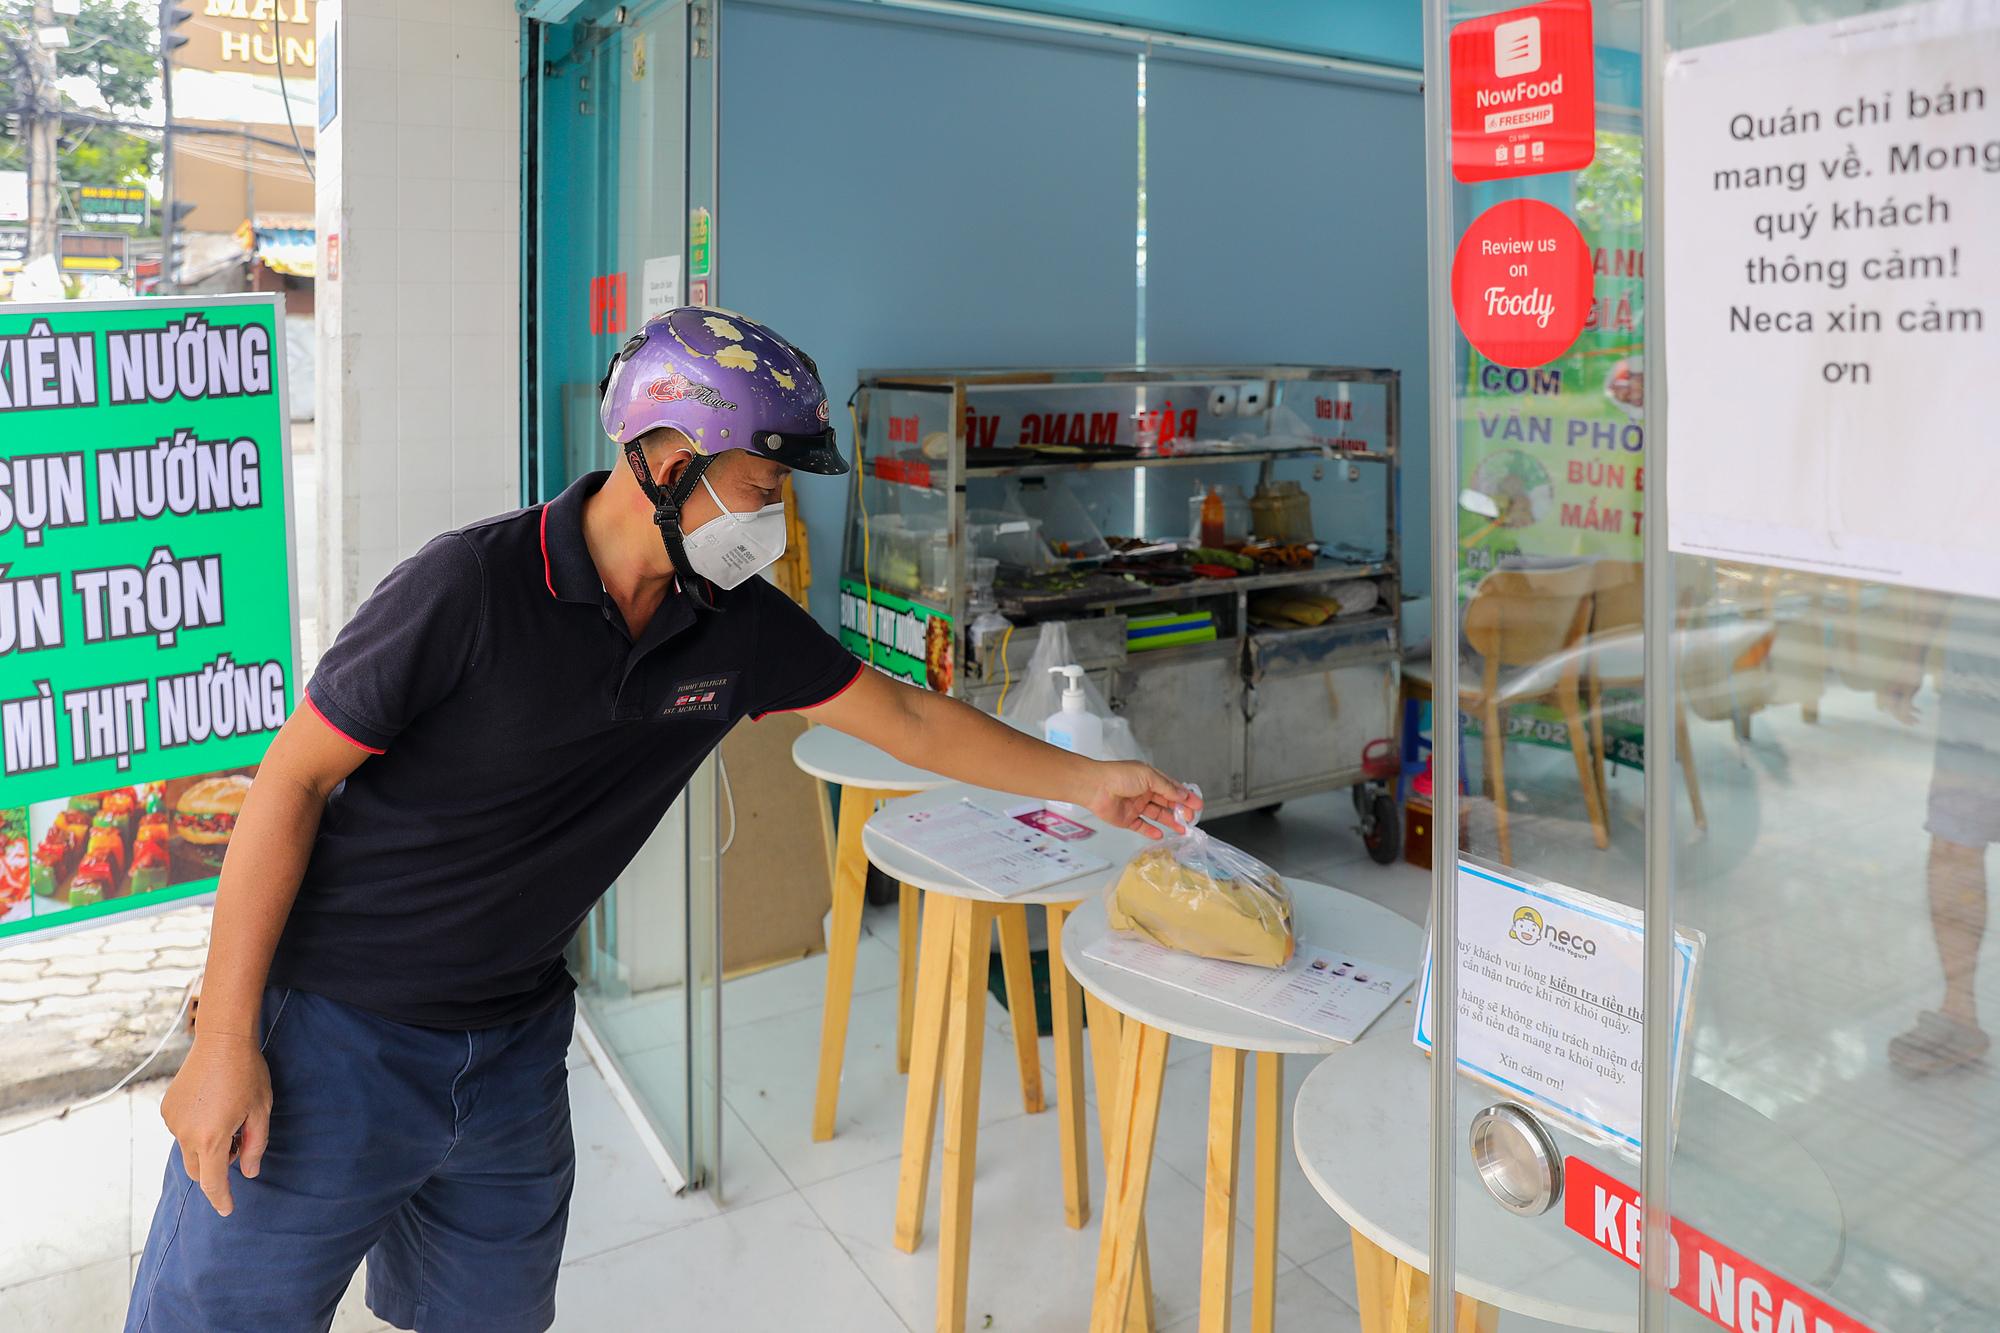 Hàng quán hoạt động tại quận 7, ngày 16/9/2021. Ảnh: Quỳnh Trần